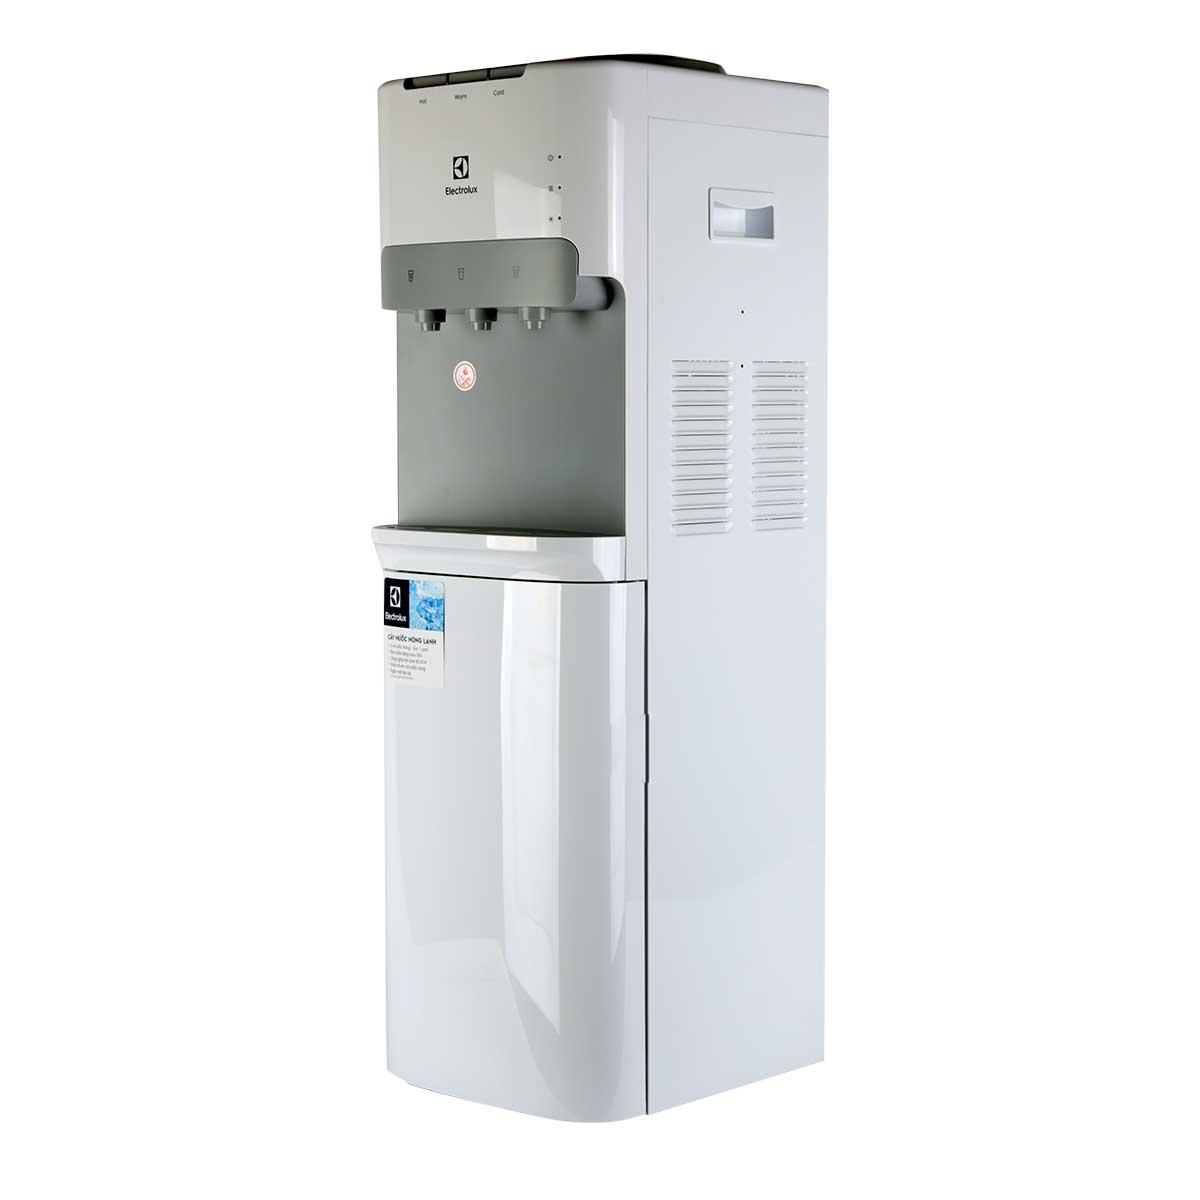 Cây nước nóng lạnh Electrolux EQALF01TXWV - Hàng chính hãng